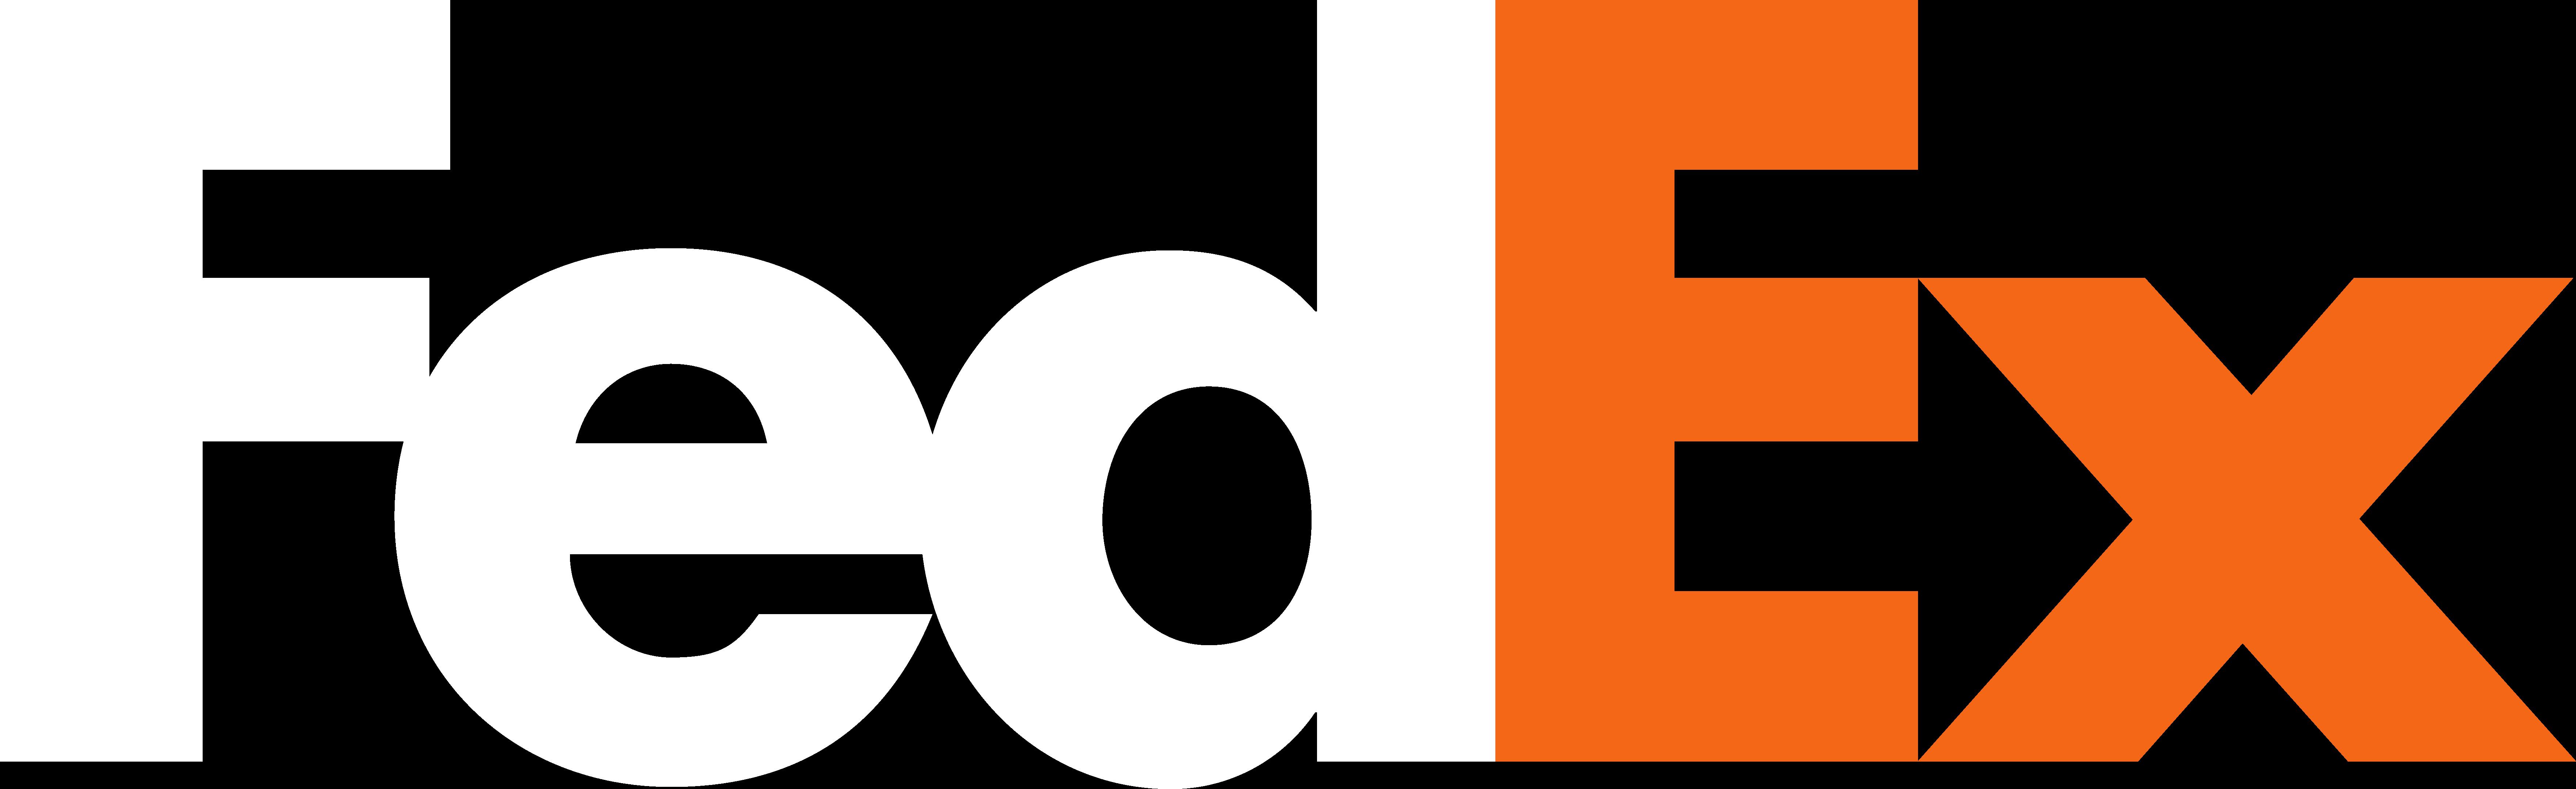 fedex logo 0 - FedEx Logo